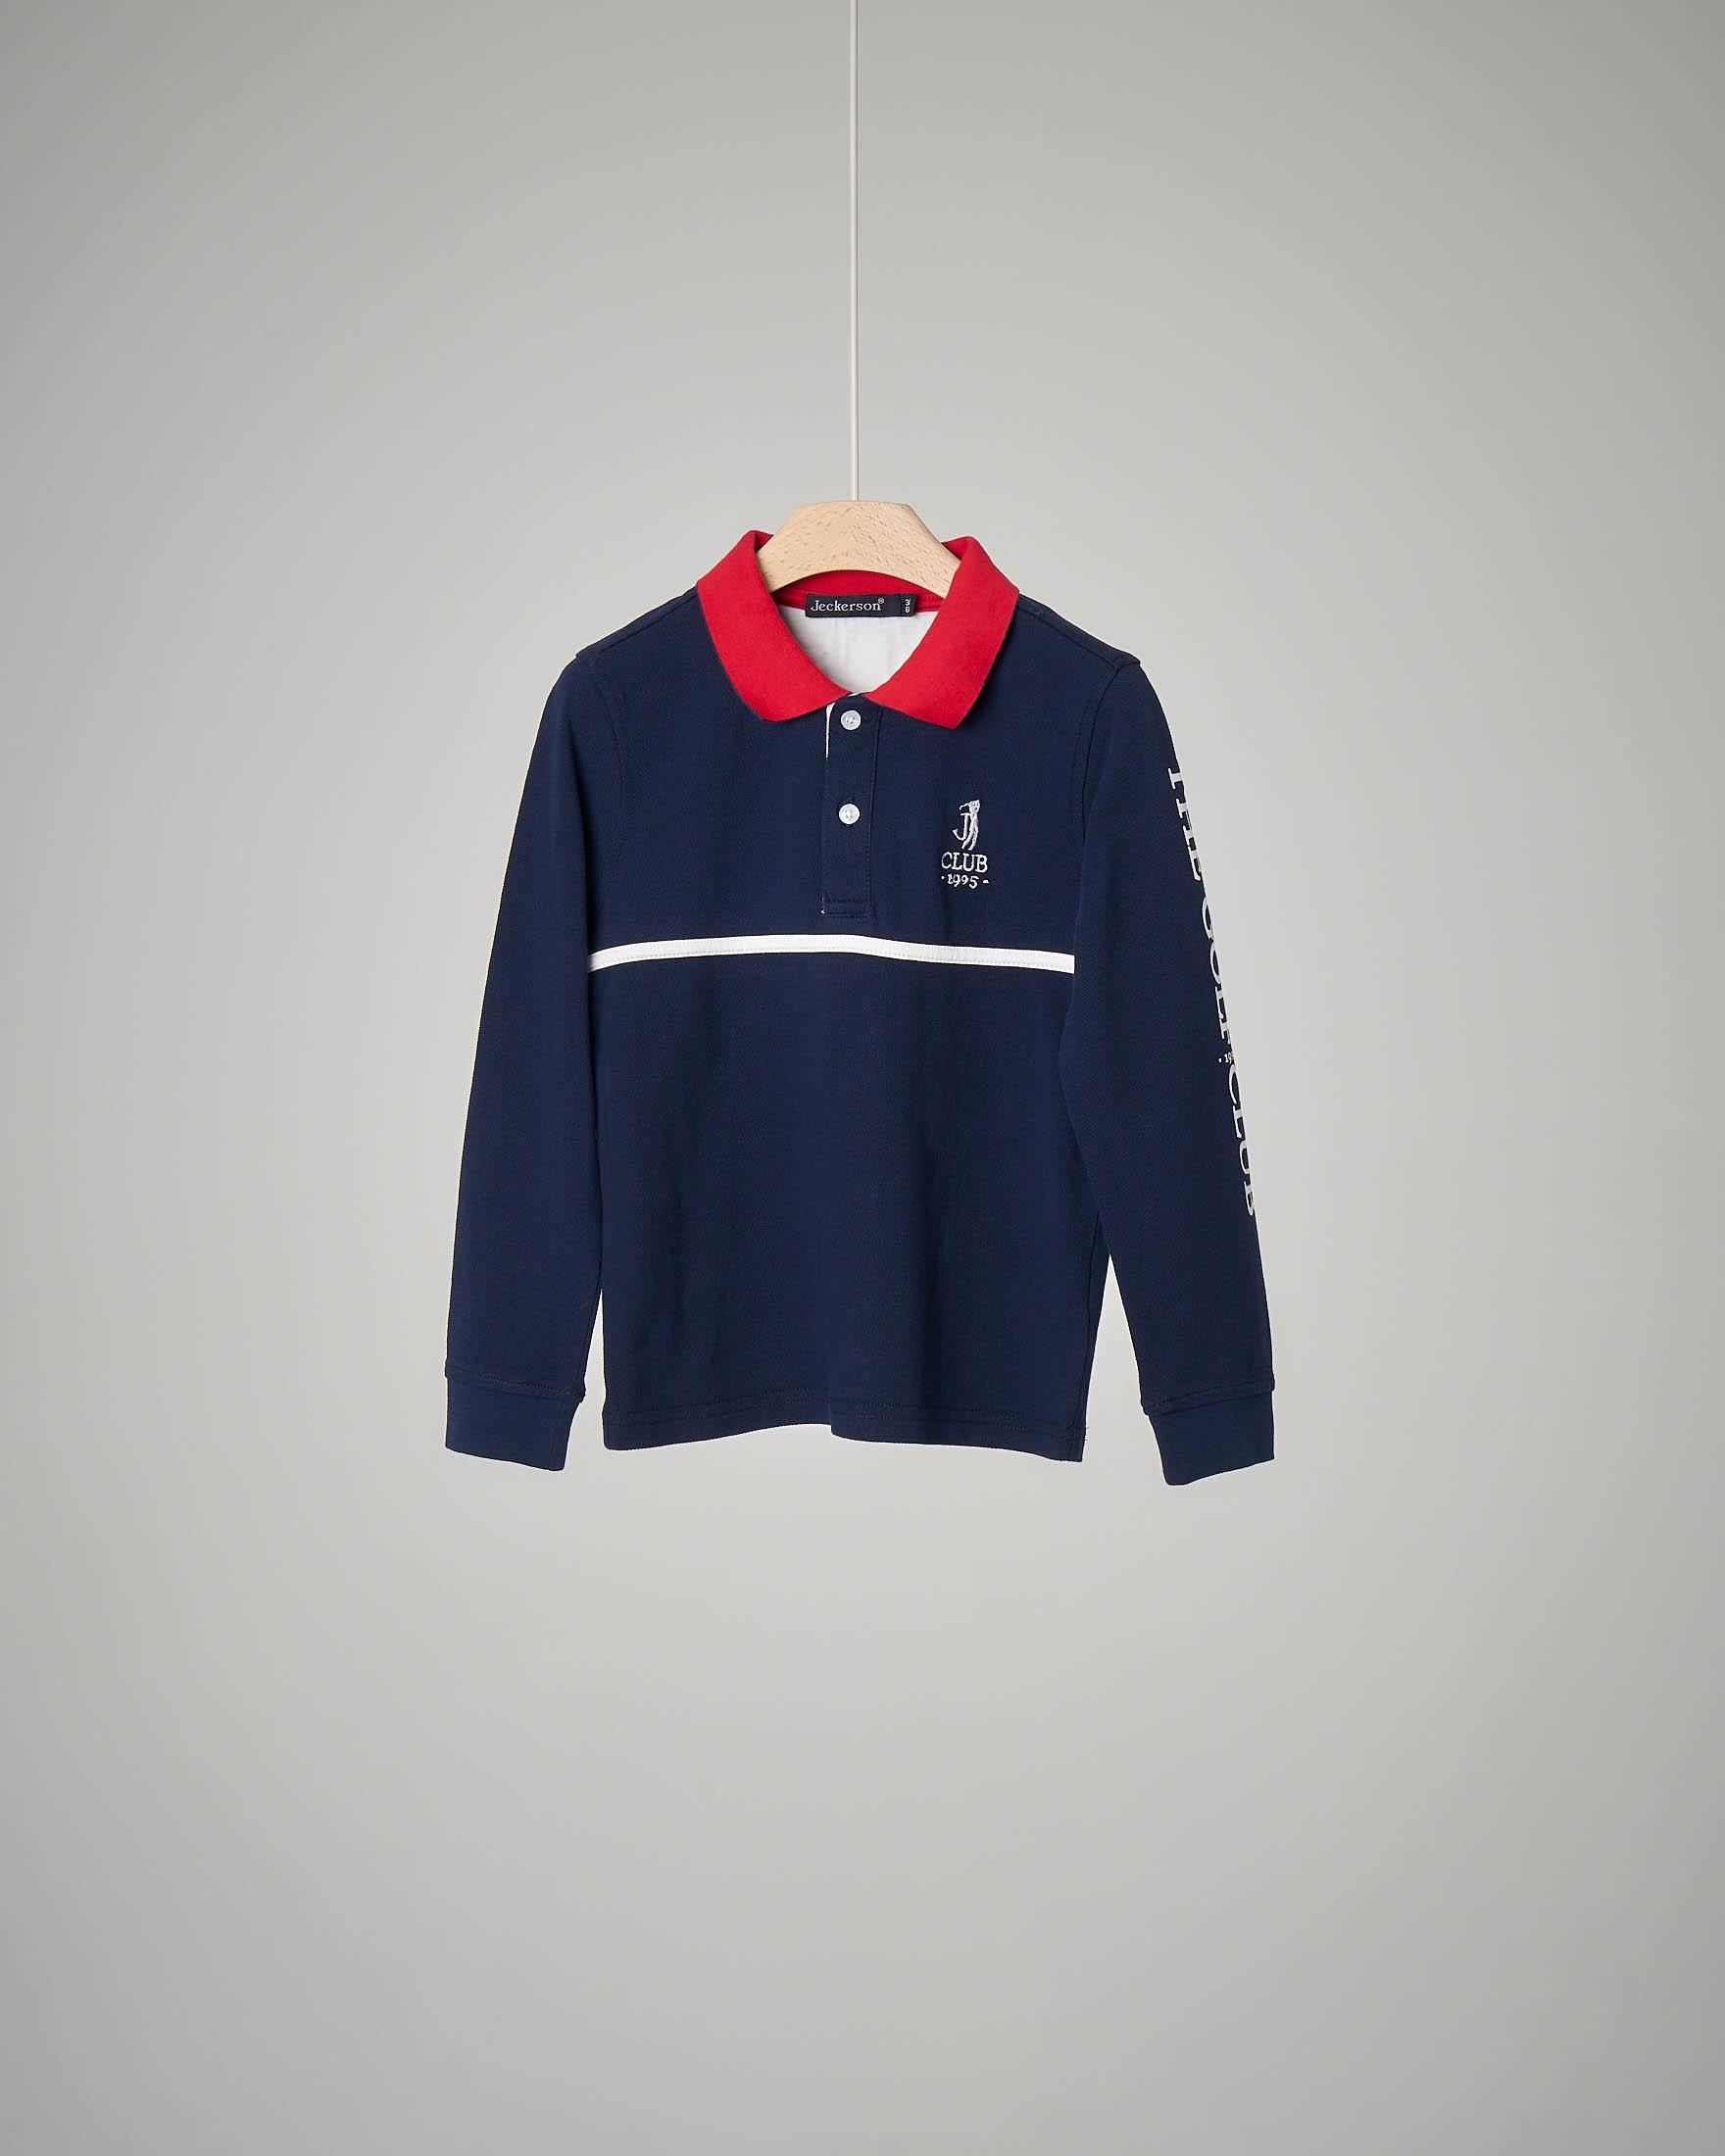 Polo blu a manica lunga con colletto rosso